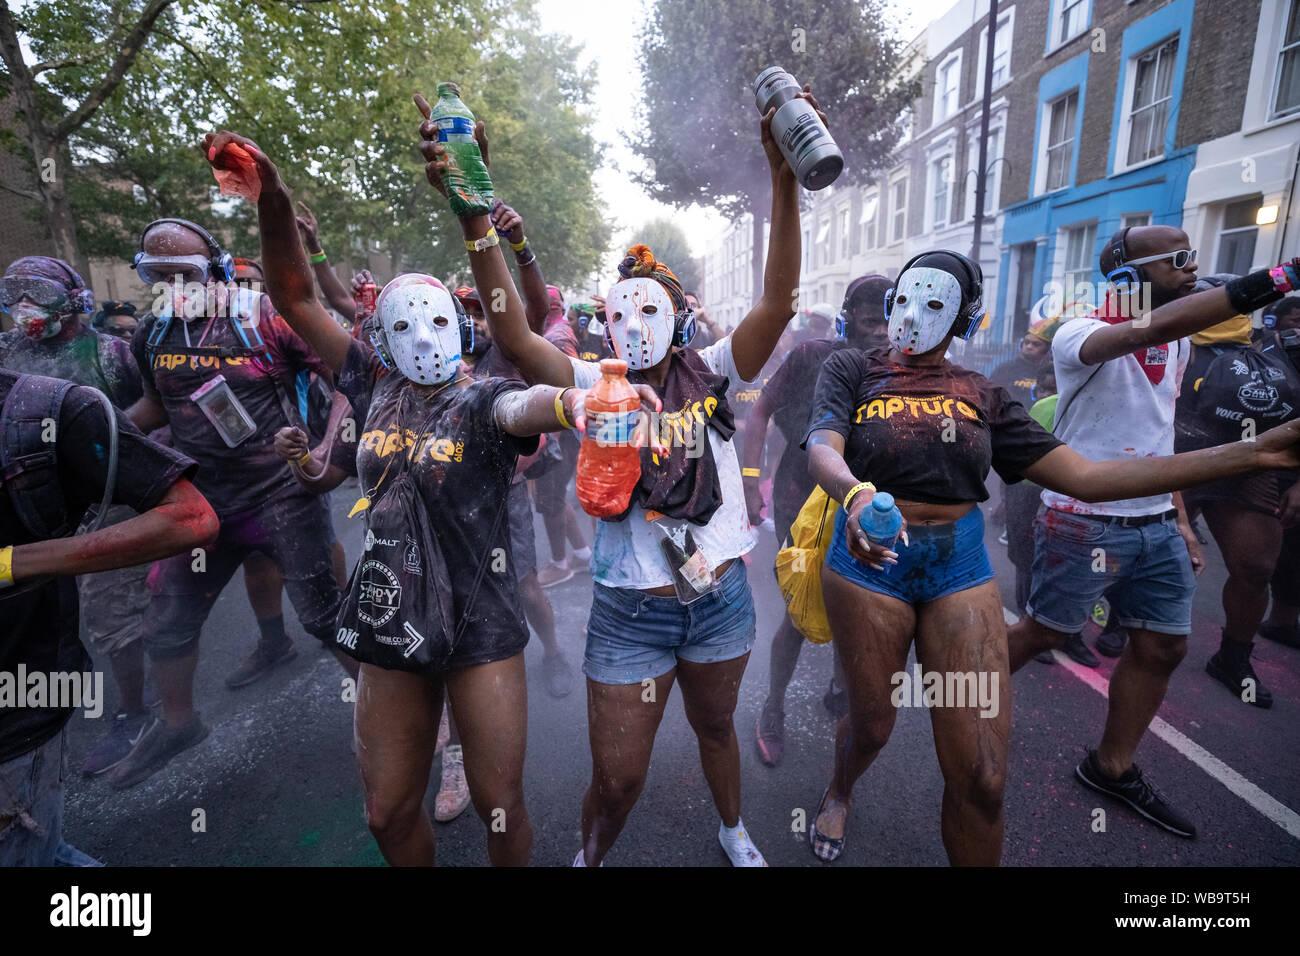 Londres, Reino Unido. El 25 de agosto de 2019. Jouvert desfile comienza el carnaval de Notting Hill 2019 fiestas con los tradicionales de pintura, aceite y polvo coloreado ser arrojado a los sonidos de los tambores africanos y el ritmo de las bandas. Crédito: Guy Corbishley / Alamy Live News Foto de stock